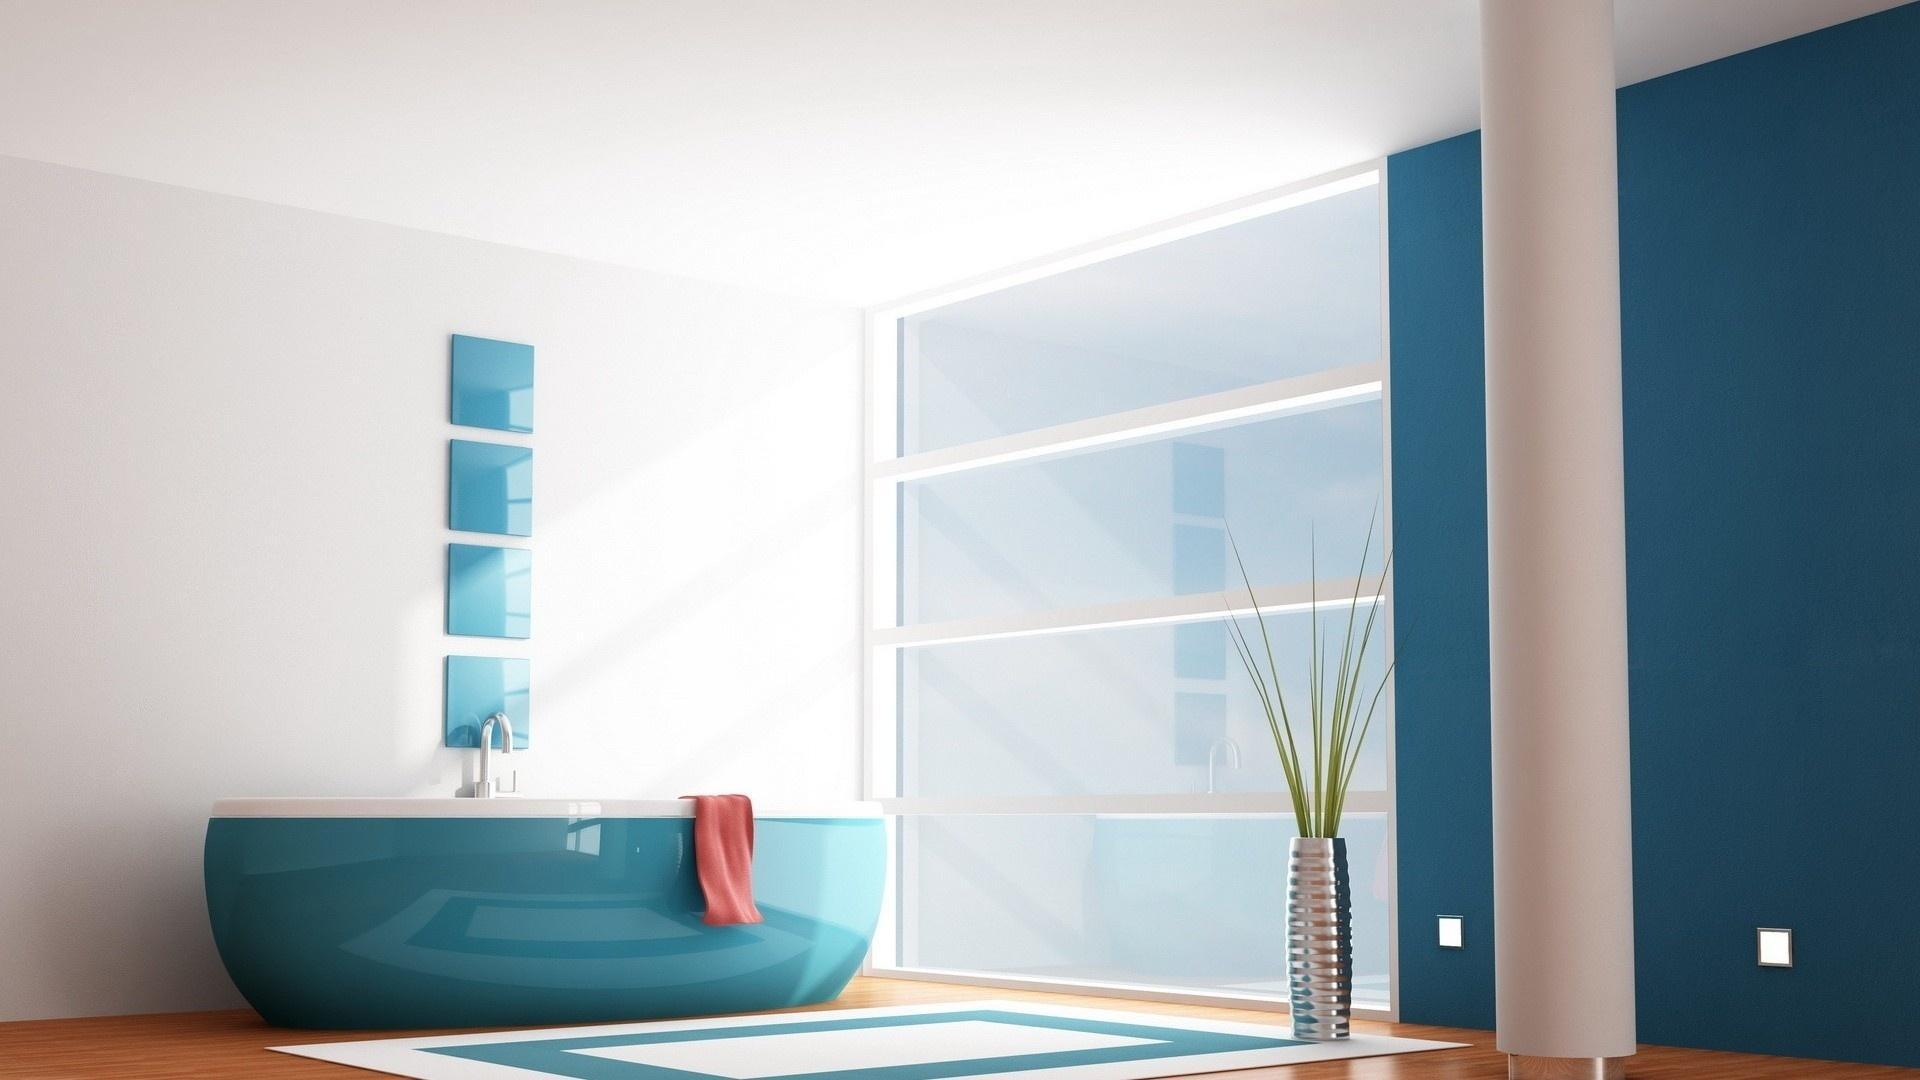 Важный критерий отделочного материала для ванной - влагостойкость